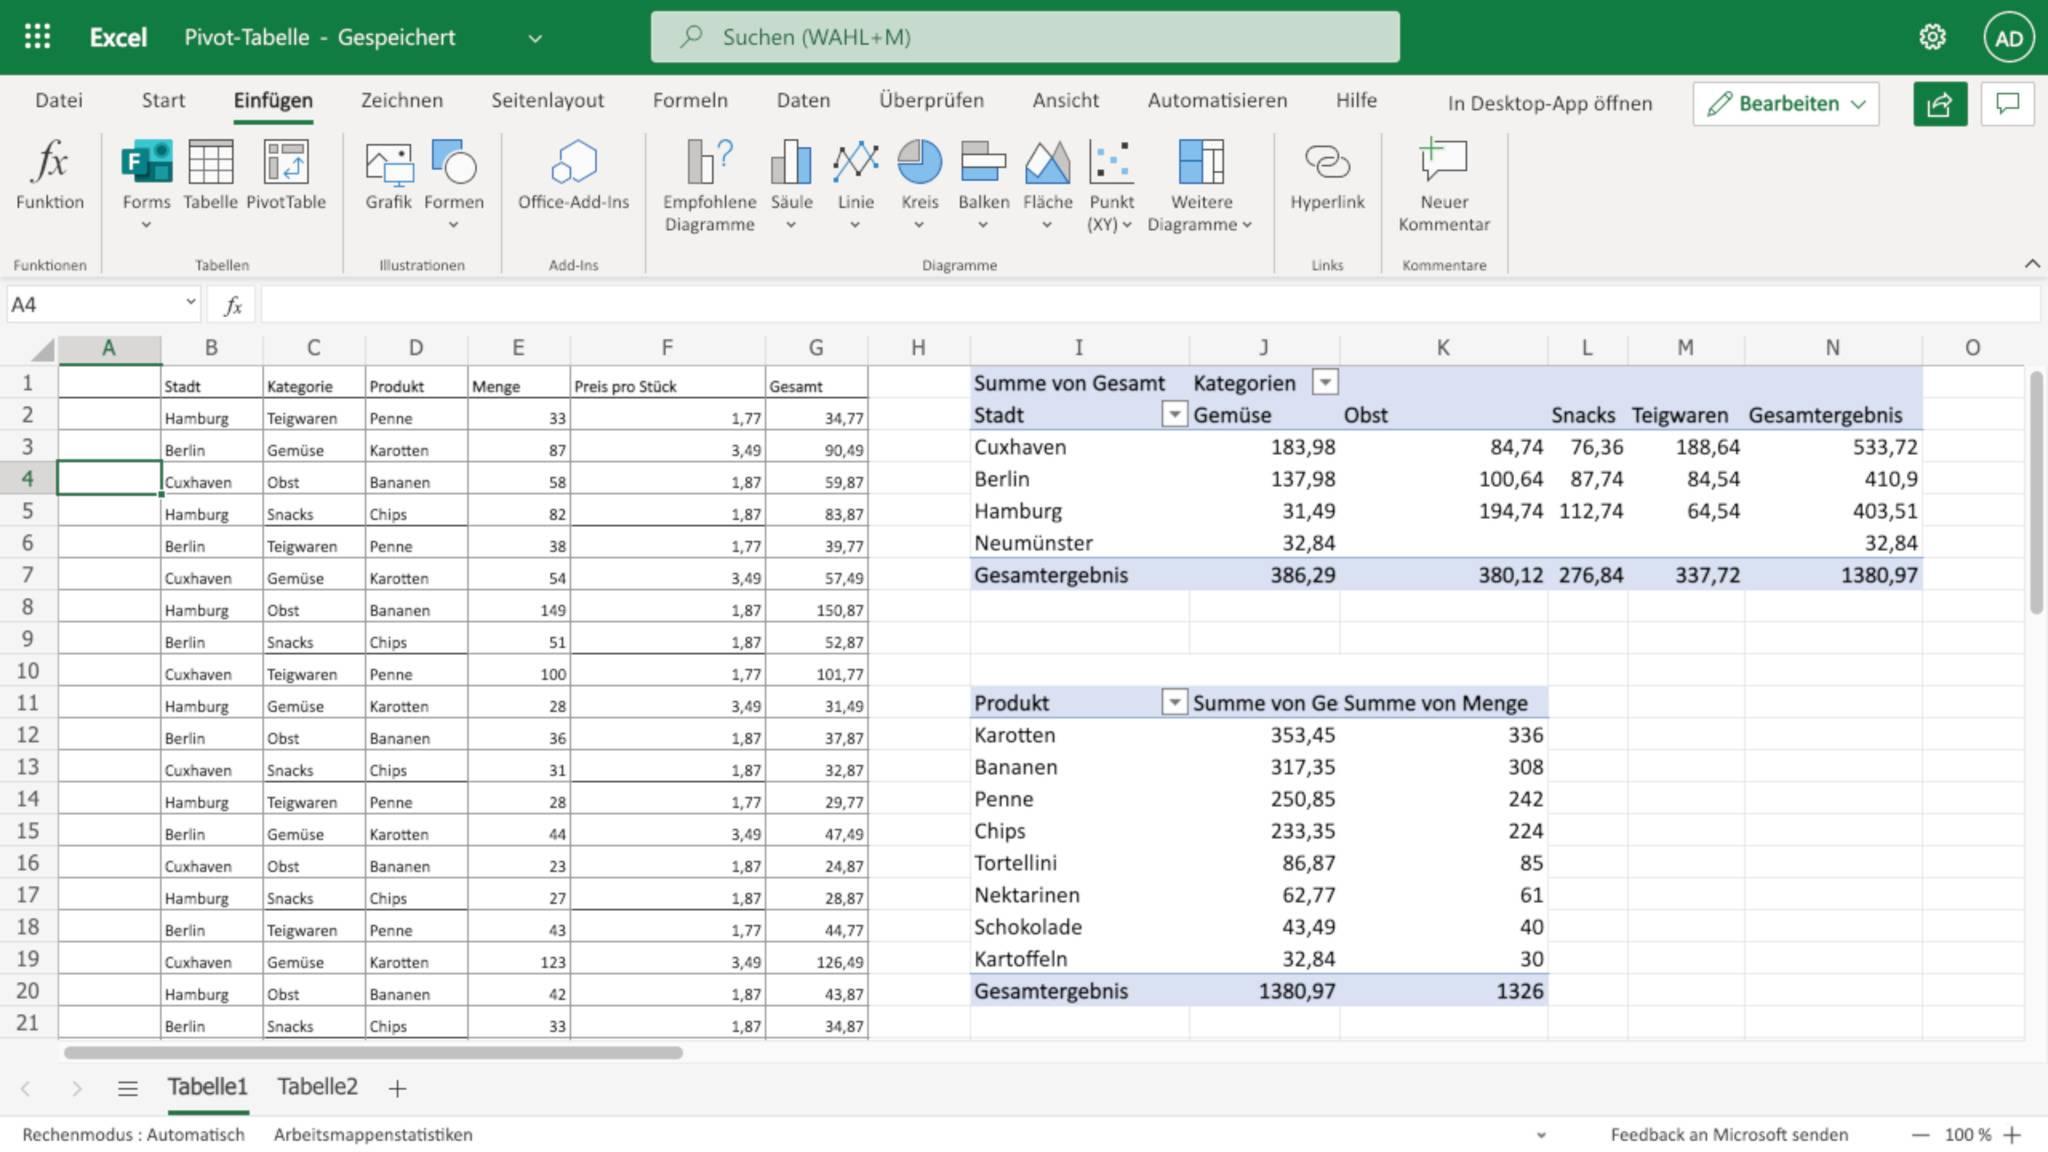 Pivot-Tabellen lassen auf den ersten Blick Trends und Tendenzen in den eigenen Daten erkennen.